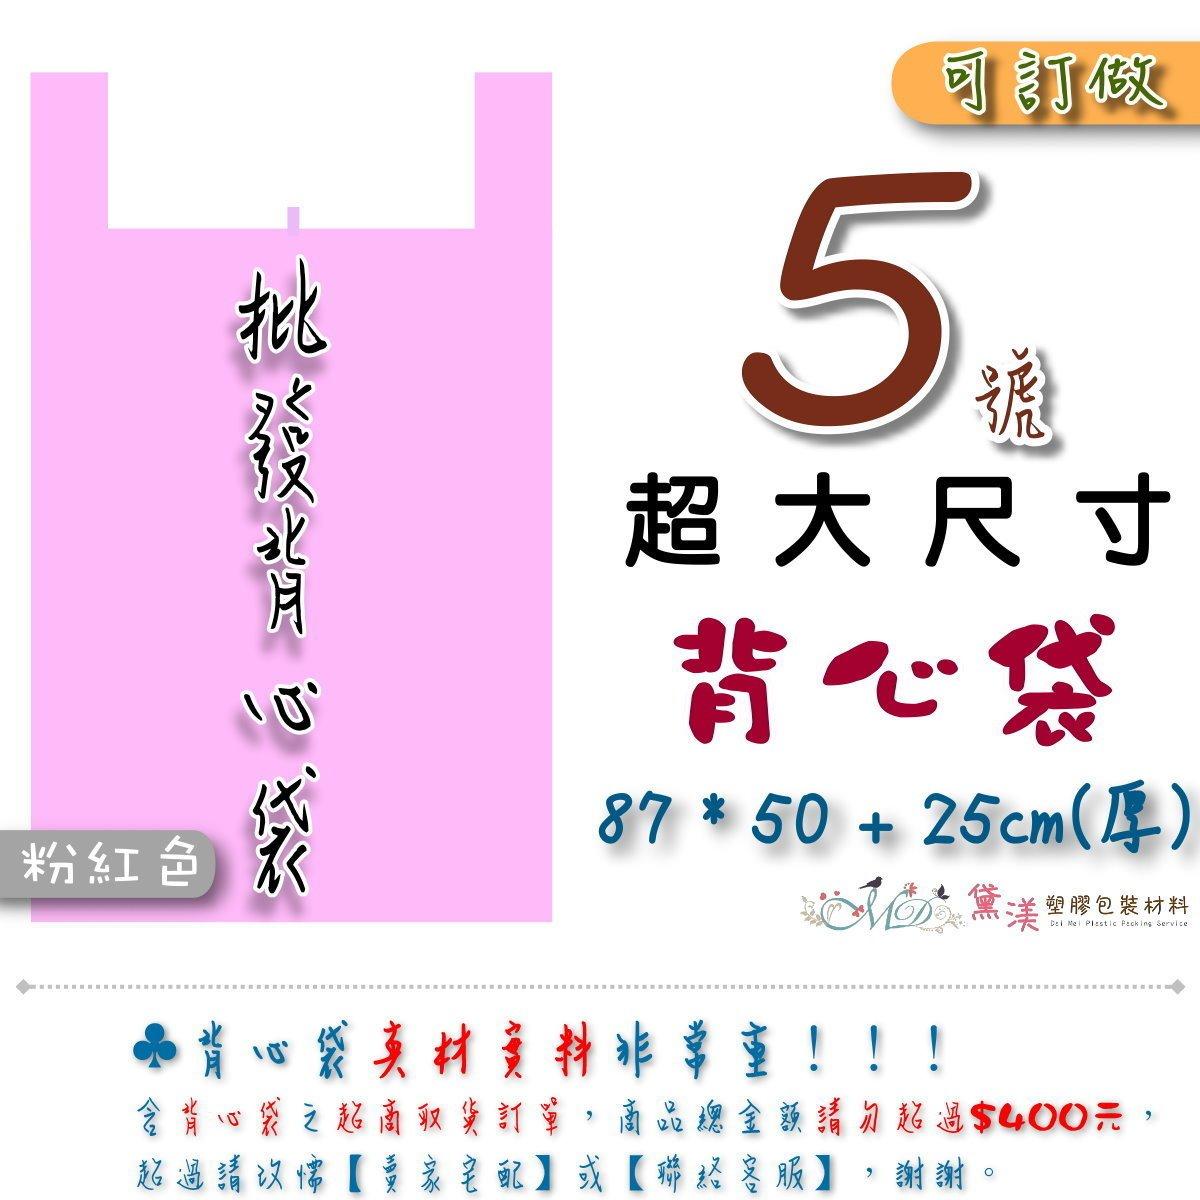 『5號背心袋87*50+25cm 厚50入』【粉紅色】 大尺寸超耐用批發專用手提袋批發袋塑膠袋【黛渼塑膠】專業包裝材料